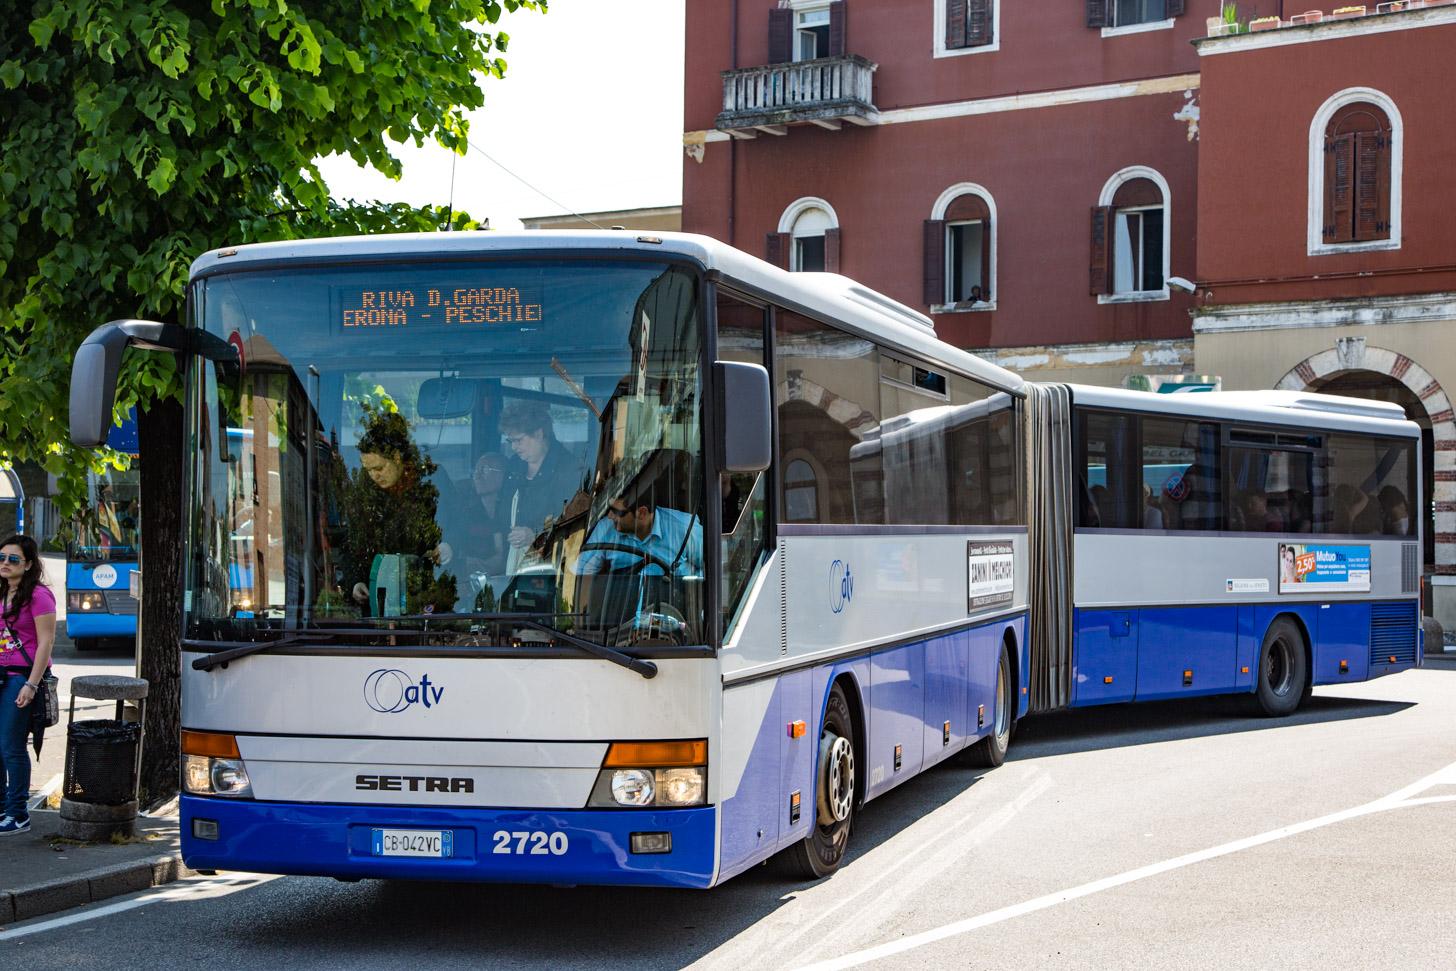 Het openbaar vervoer: de bus